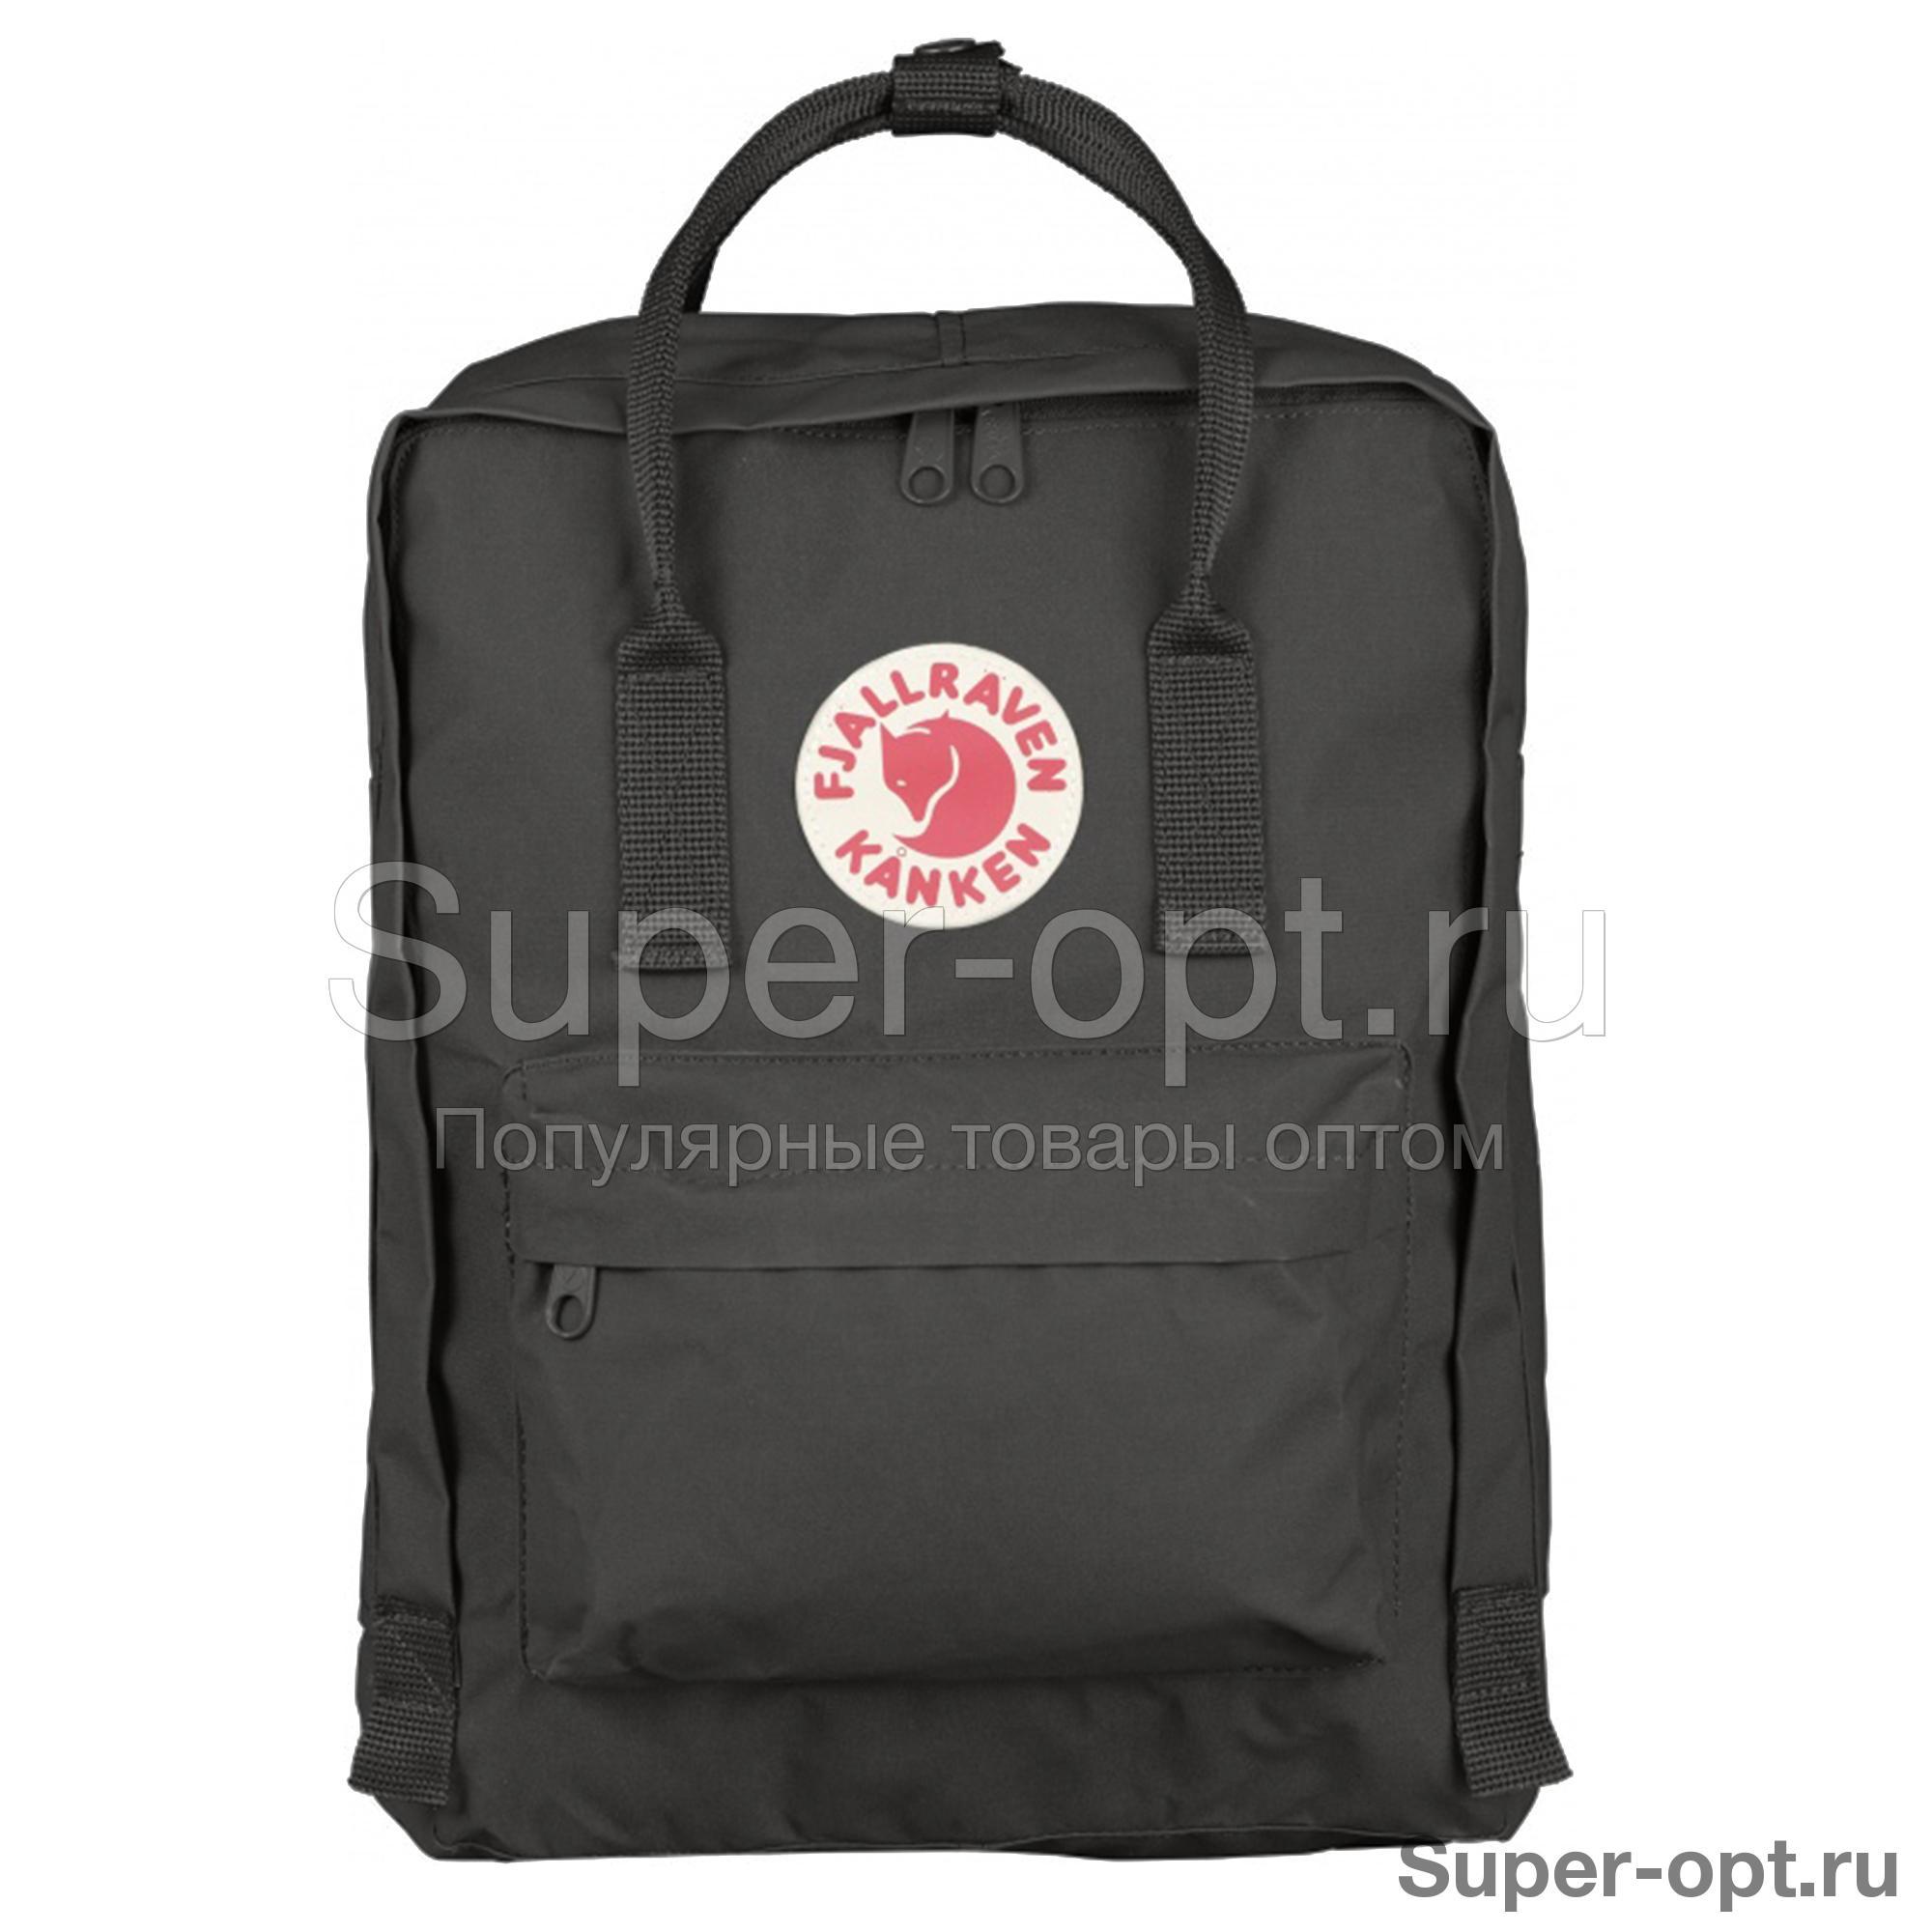 Городской рюкзак Fjallraven Kanken оптом